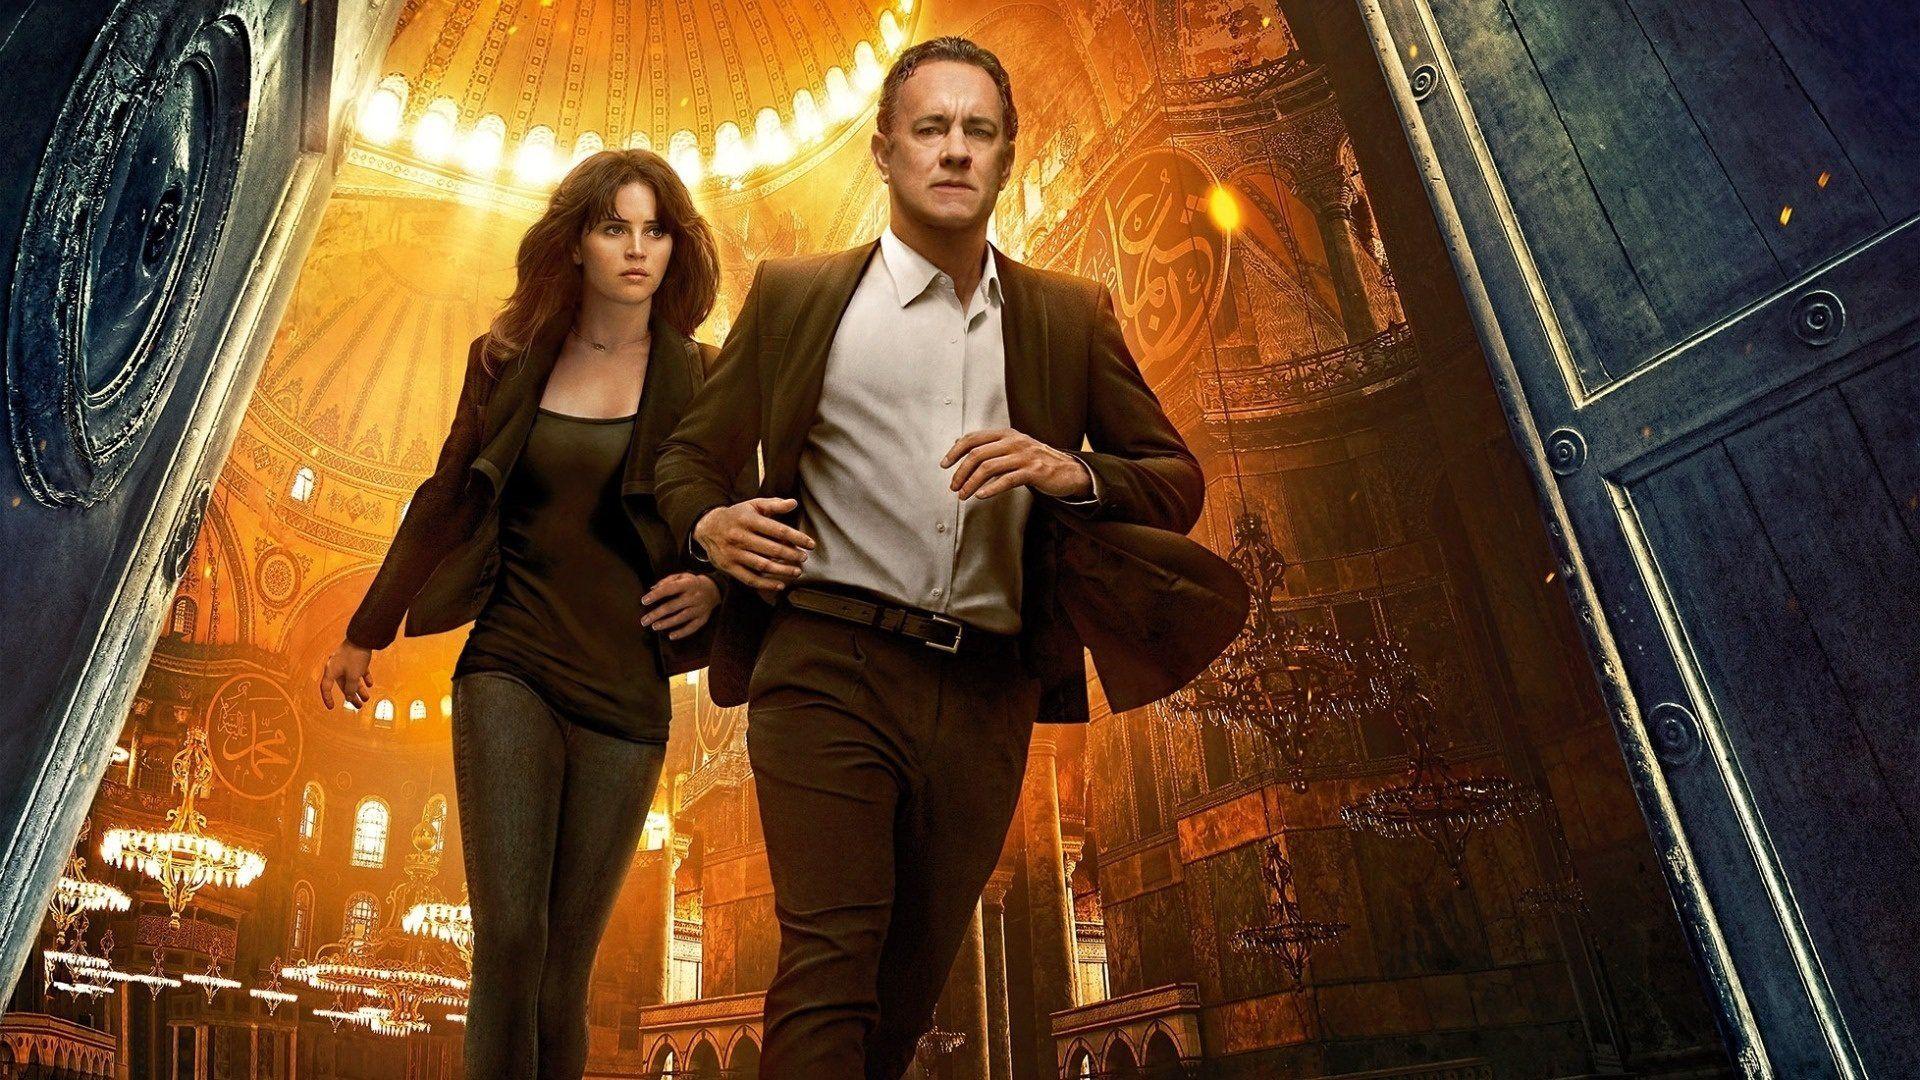 Watch Inferno | Movie & TV Shows Putlocker | Full Movies Online ...